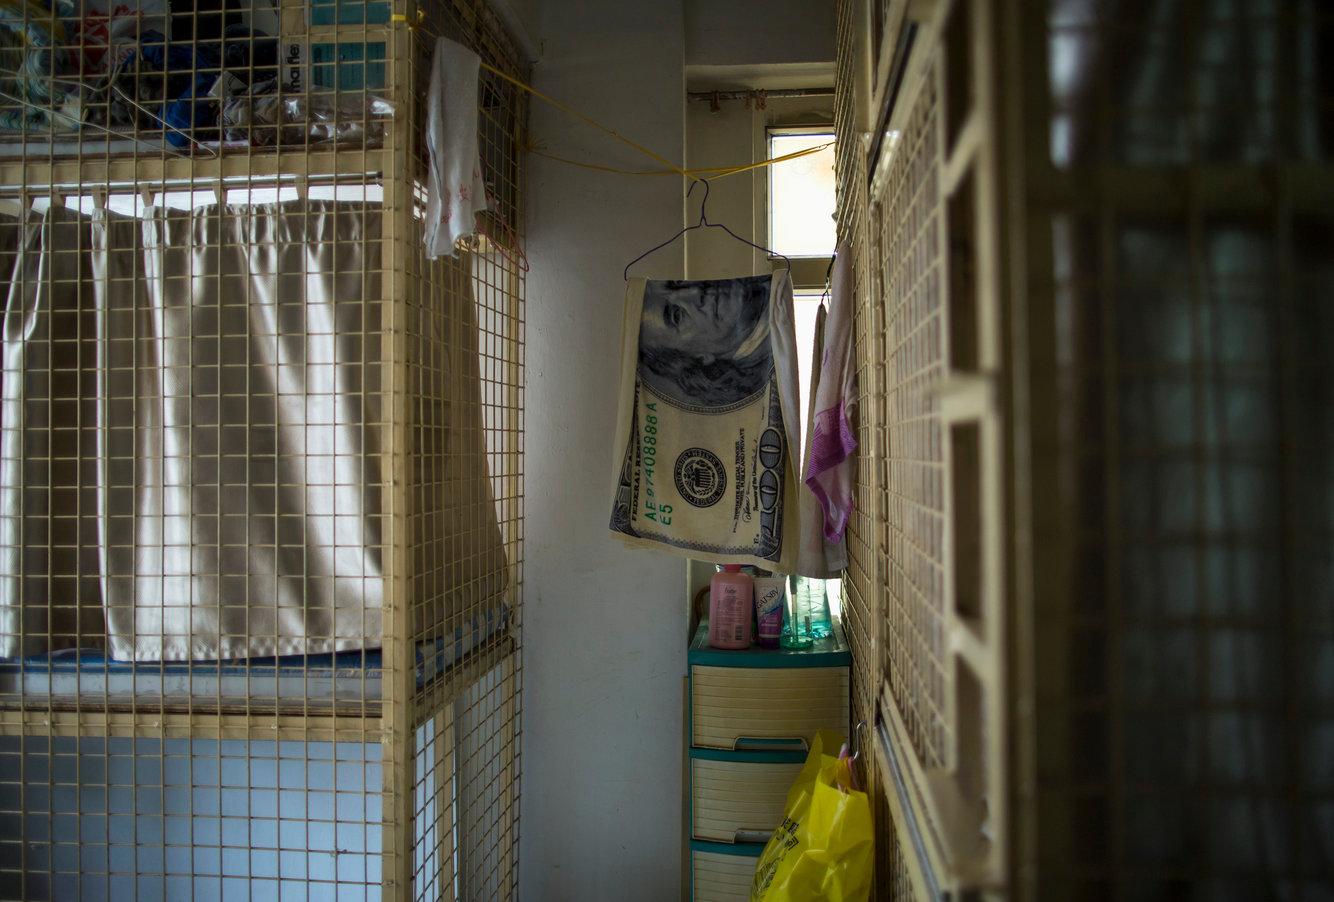 Cuộc sống 'không tưởng' trong những căn hộ siêu nhỏ chốn thị thành